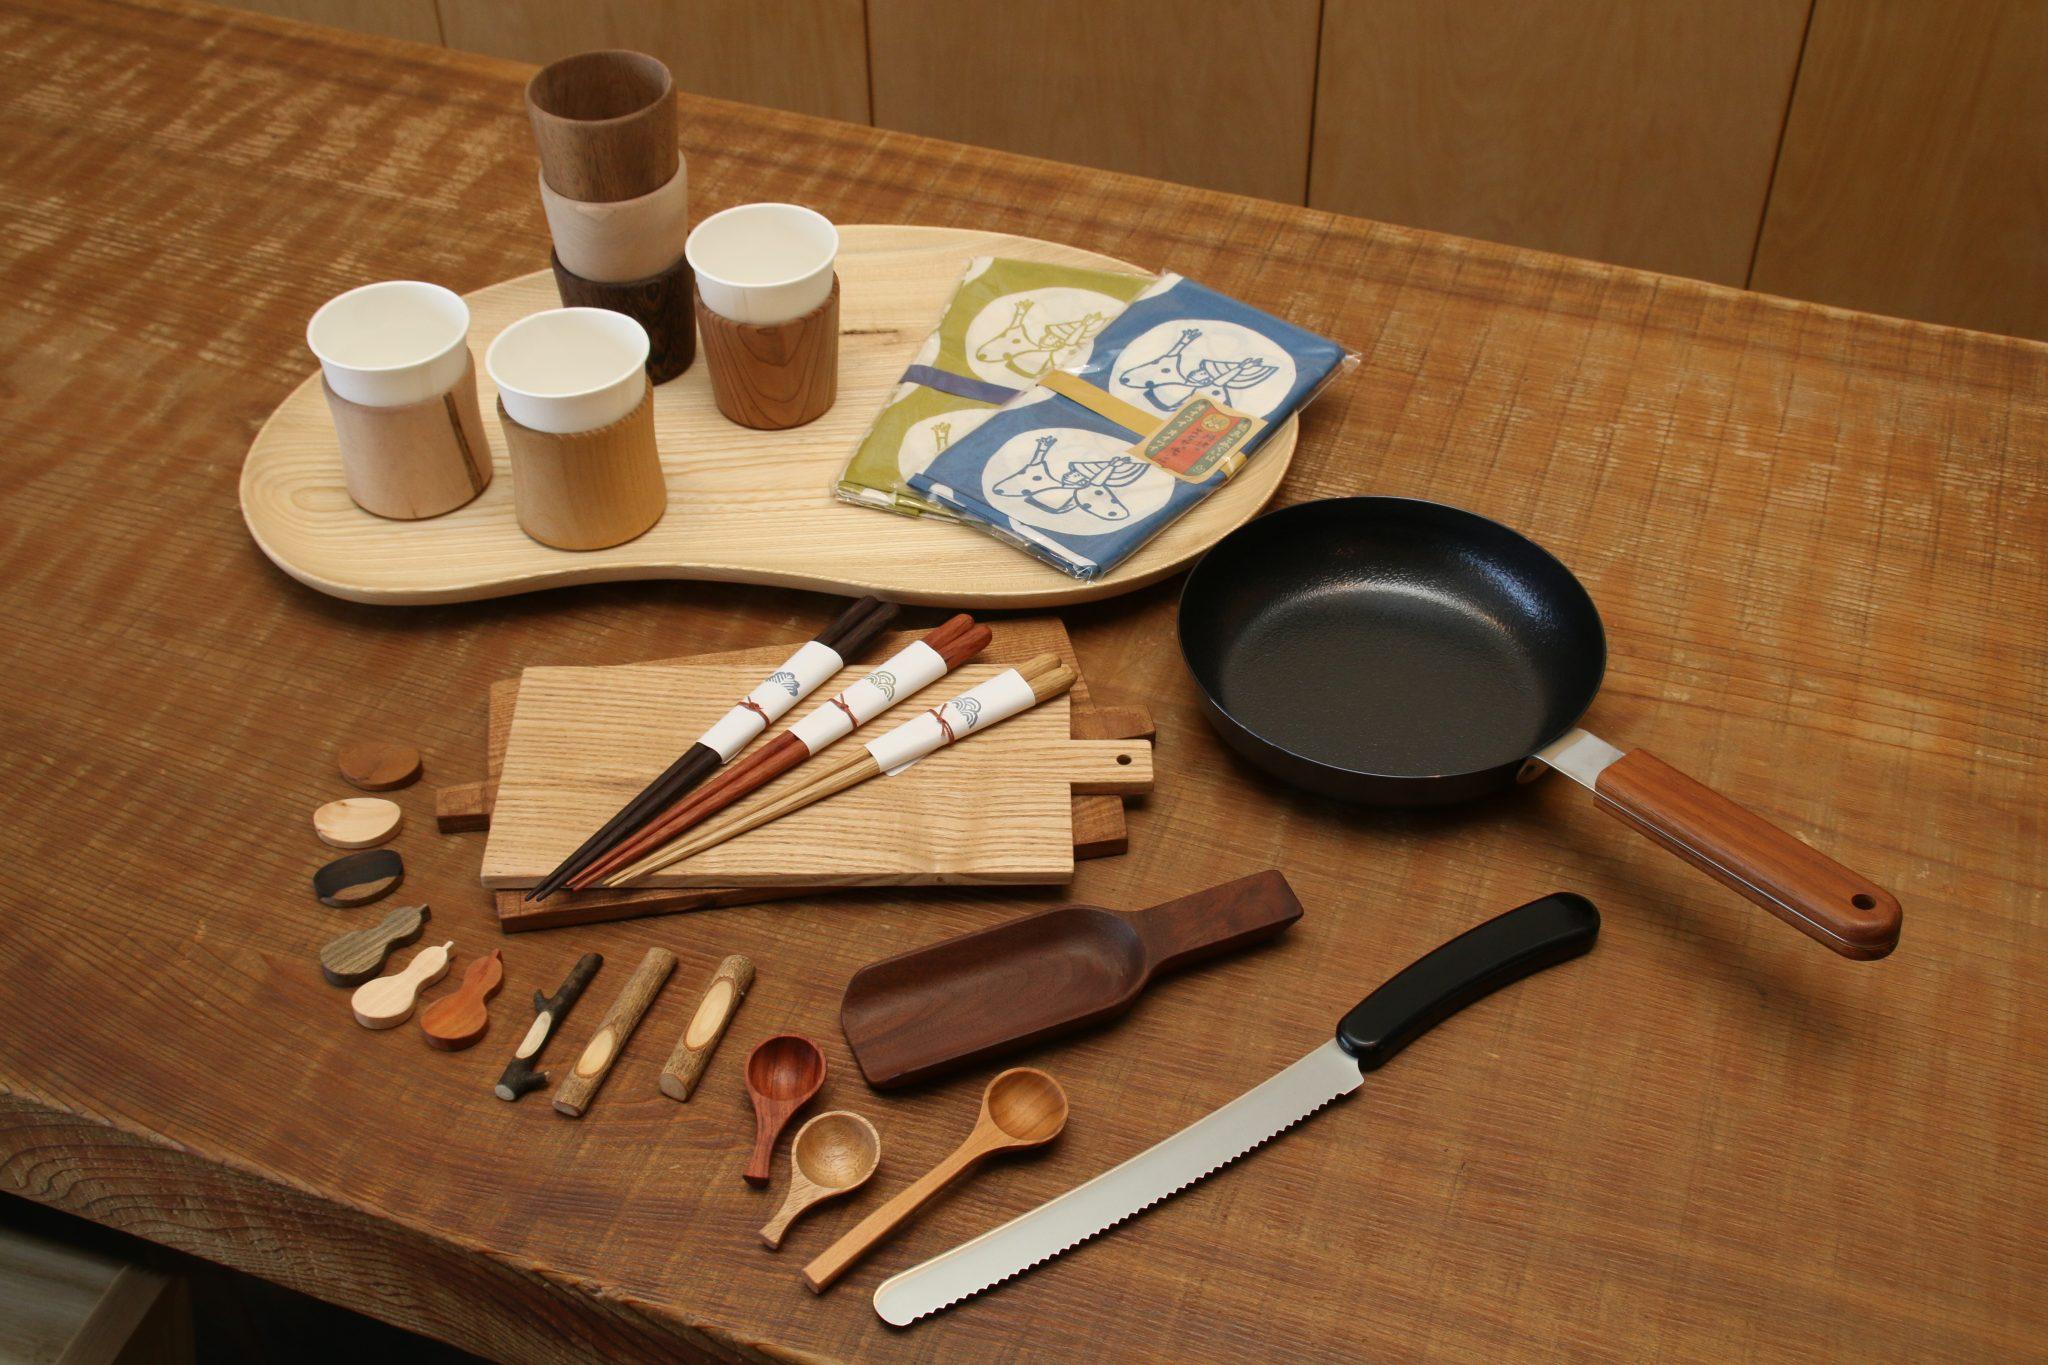 テーブルからキッチン用品まで!木のぬくもりを感じるええ感じのショップに行ってみた